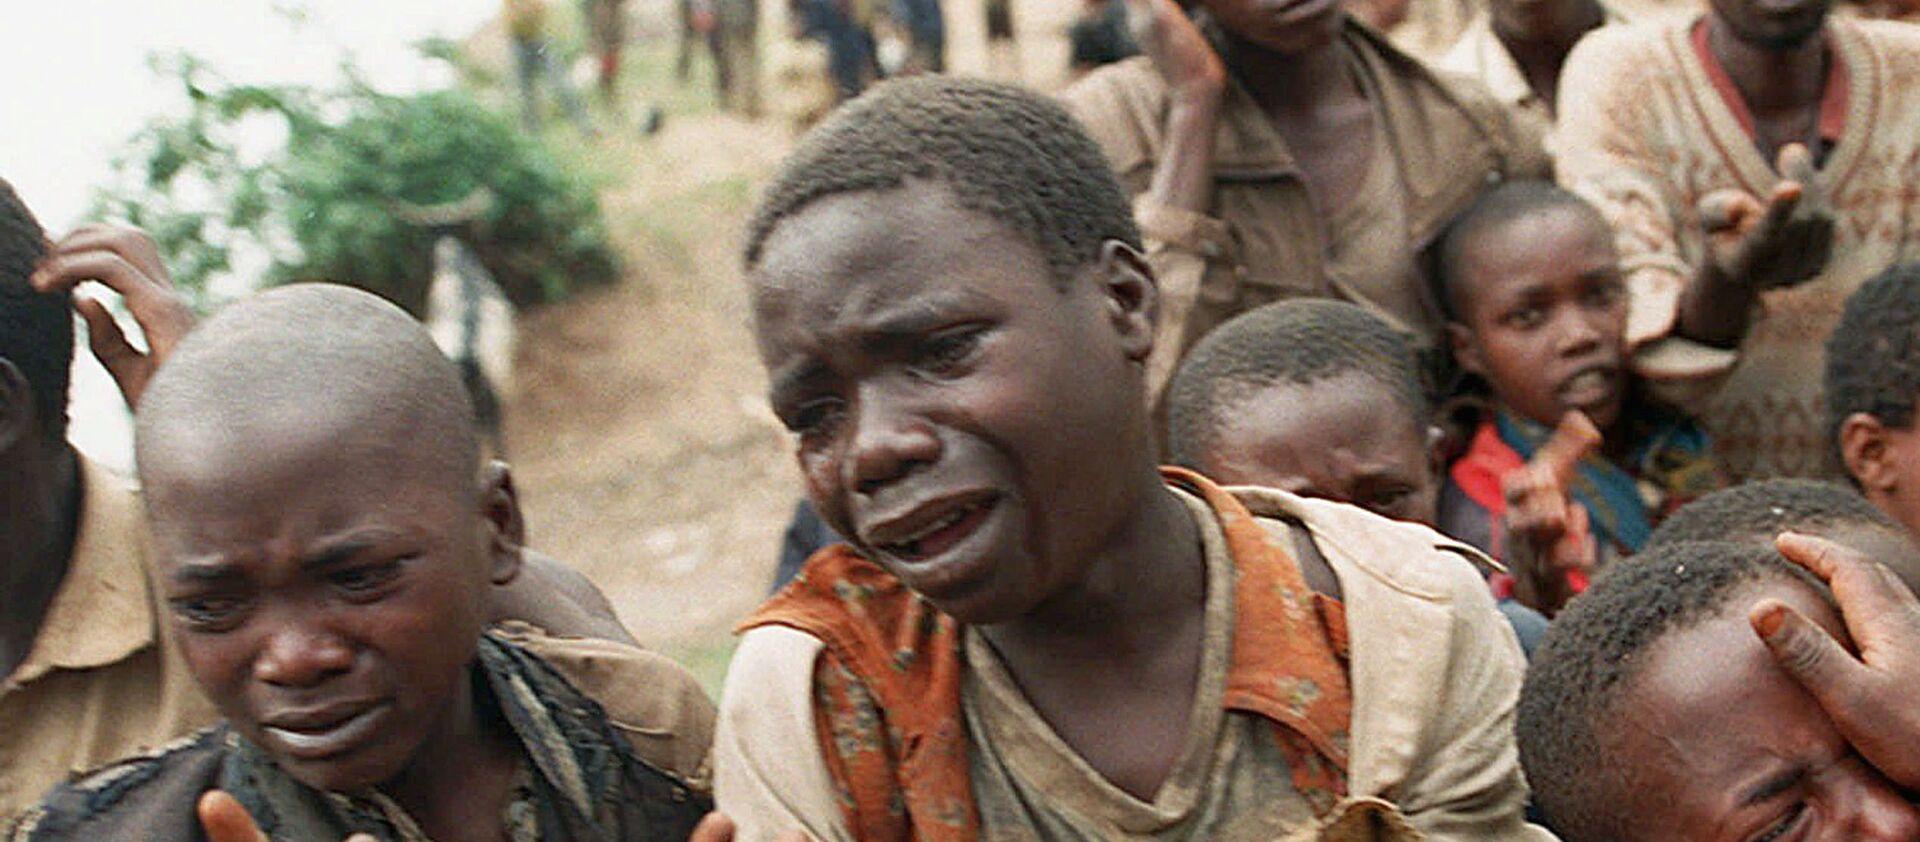 Niños ruandeses en la frontera con Zaire (archivo) - Sputnik Mundo, 1920, 07.04.2019